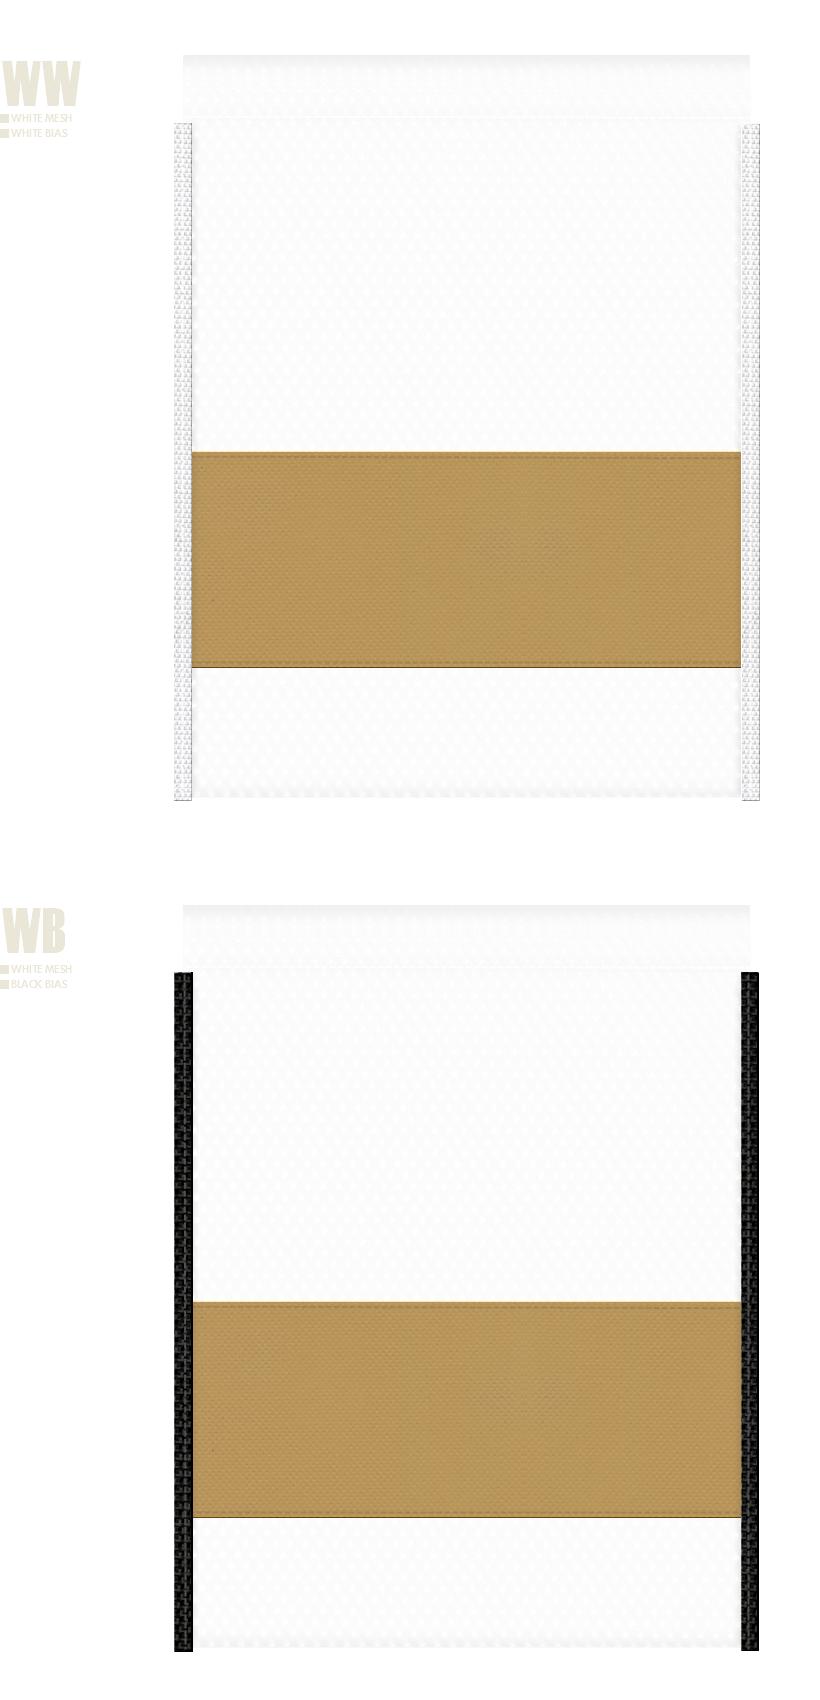 白色メッシュと金黄土色不織布のメッシュバッグカラーシミュレーション:バスローブ・バスタオル・ホテルアメニティにお奨め